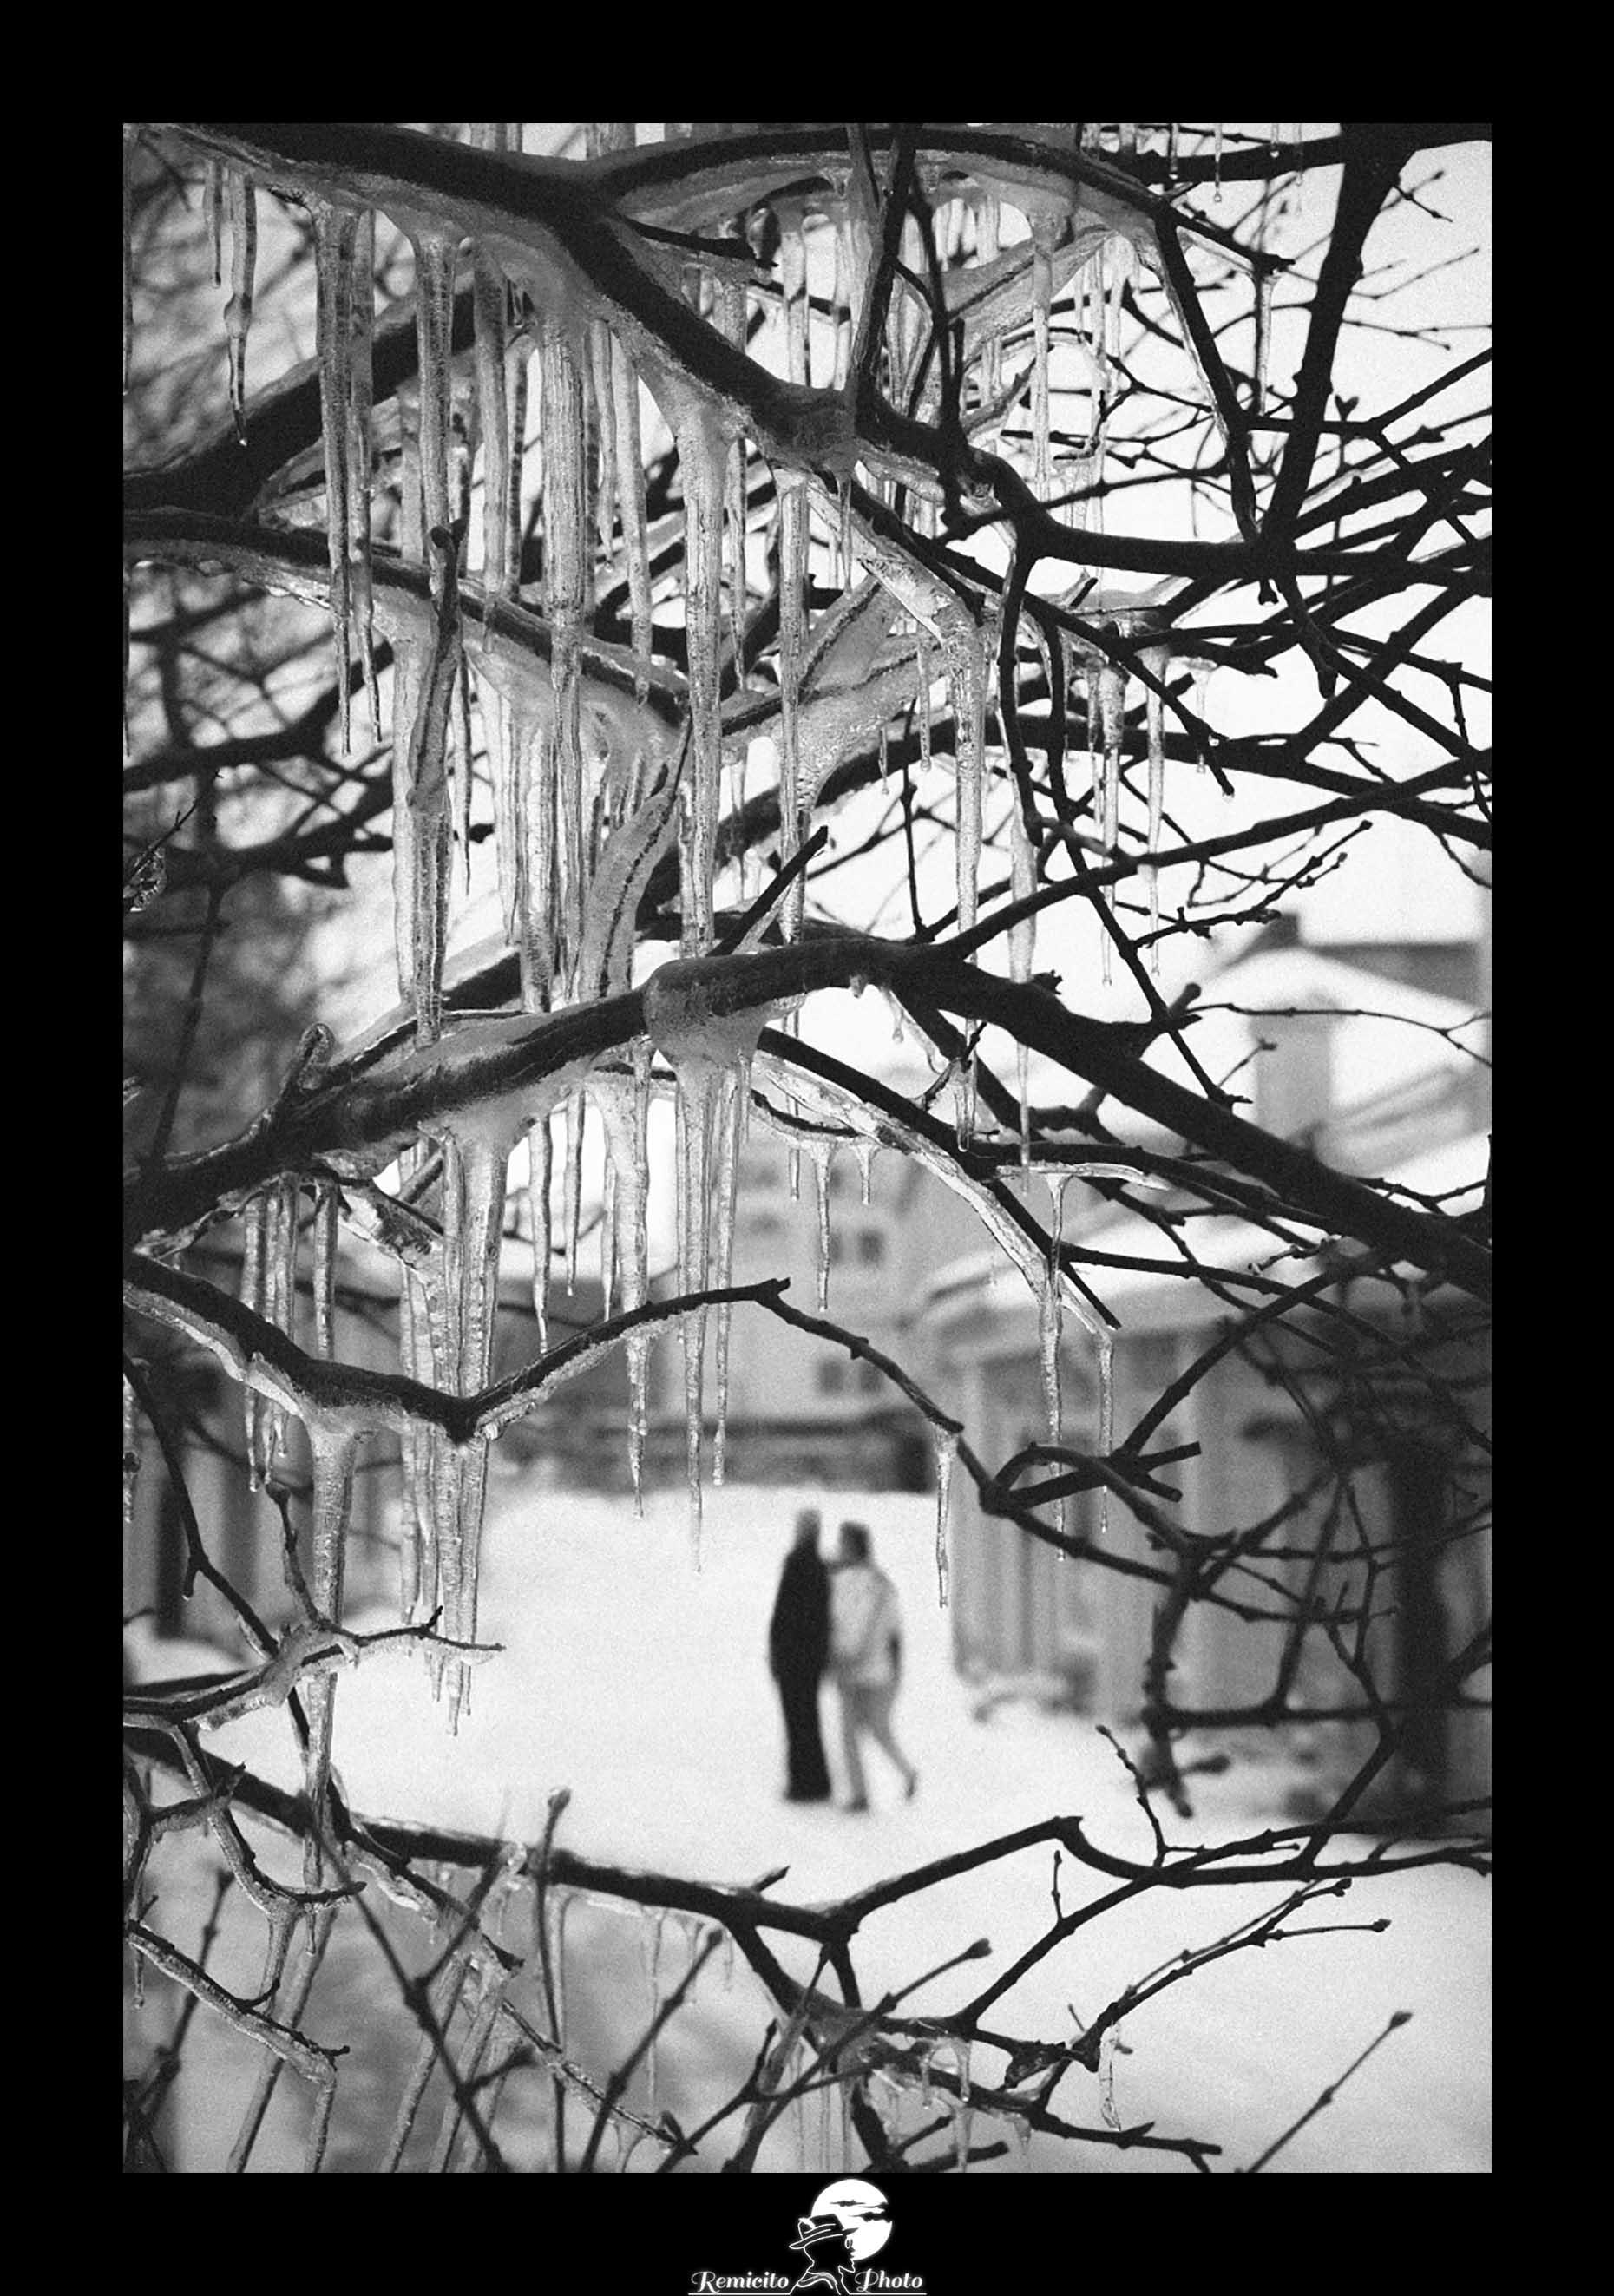 remicito, photoclub paris val-de-bièvre, remicito rémi lacombe, exposition paradis blanc encre noire, photo stalagtites noir et blanc, belle photo idée cadeau noir et blanc